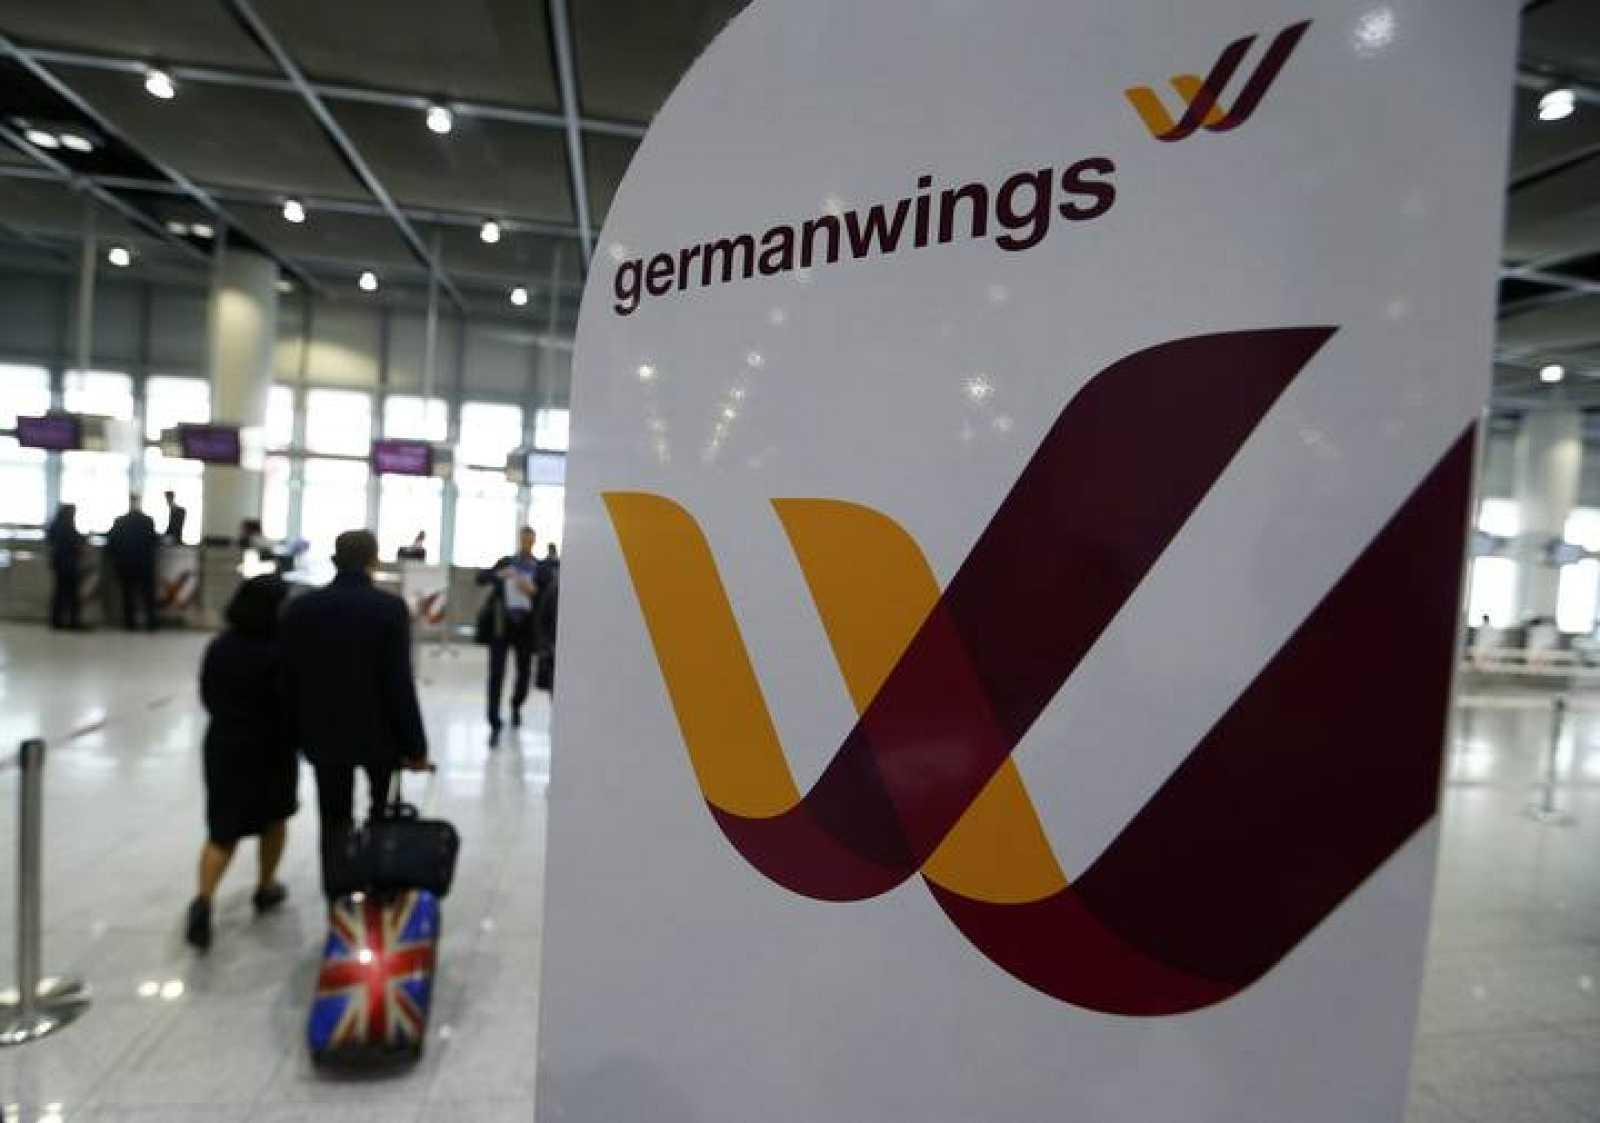 Imagen del aeropuerto de Düsseldorf tomada el martes 24 de marzo